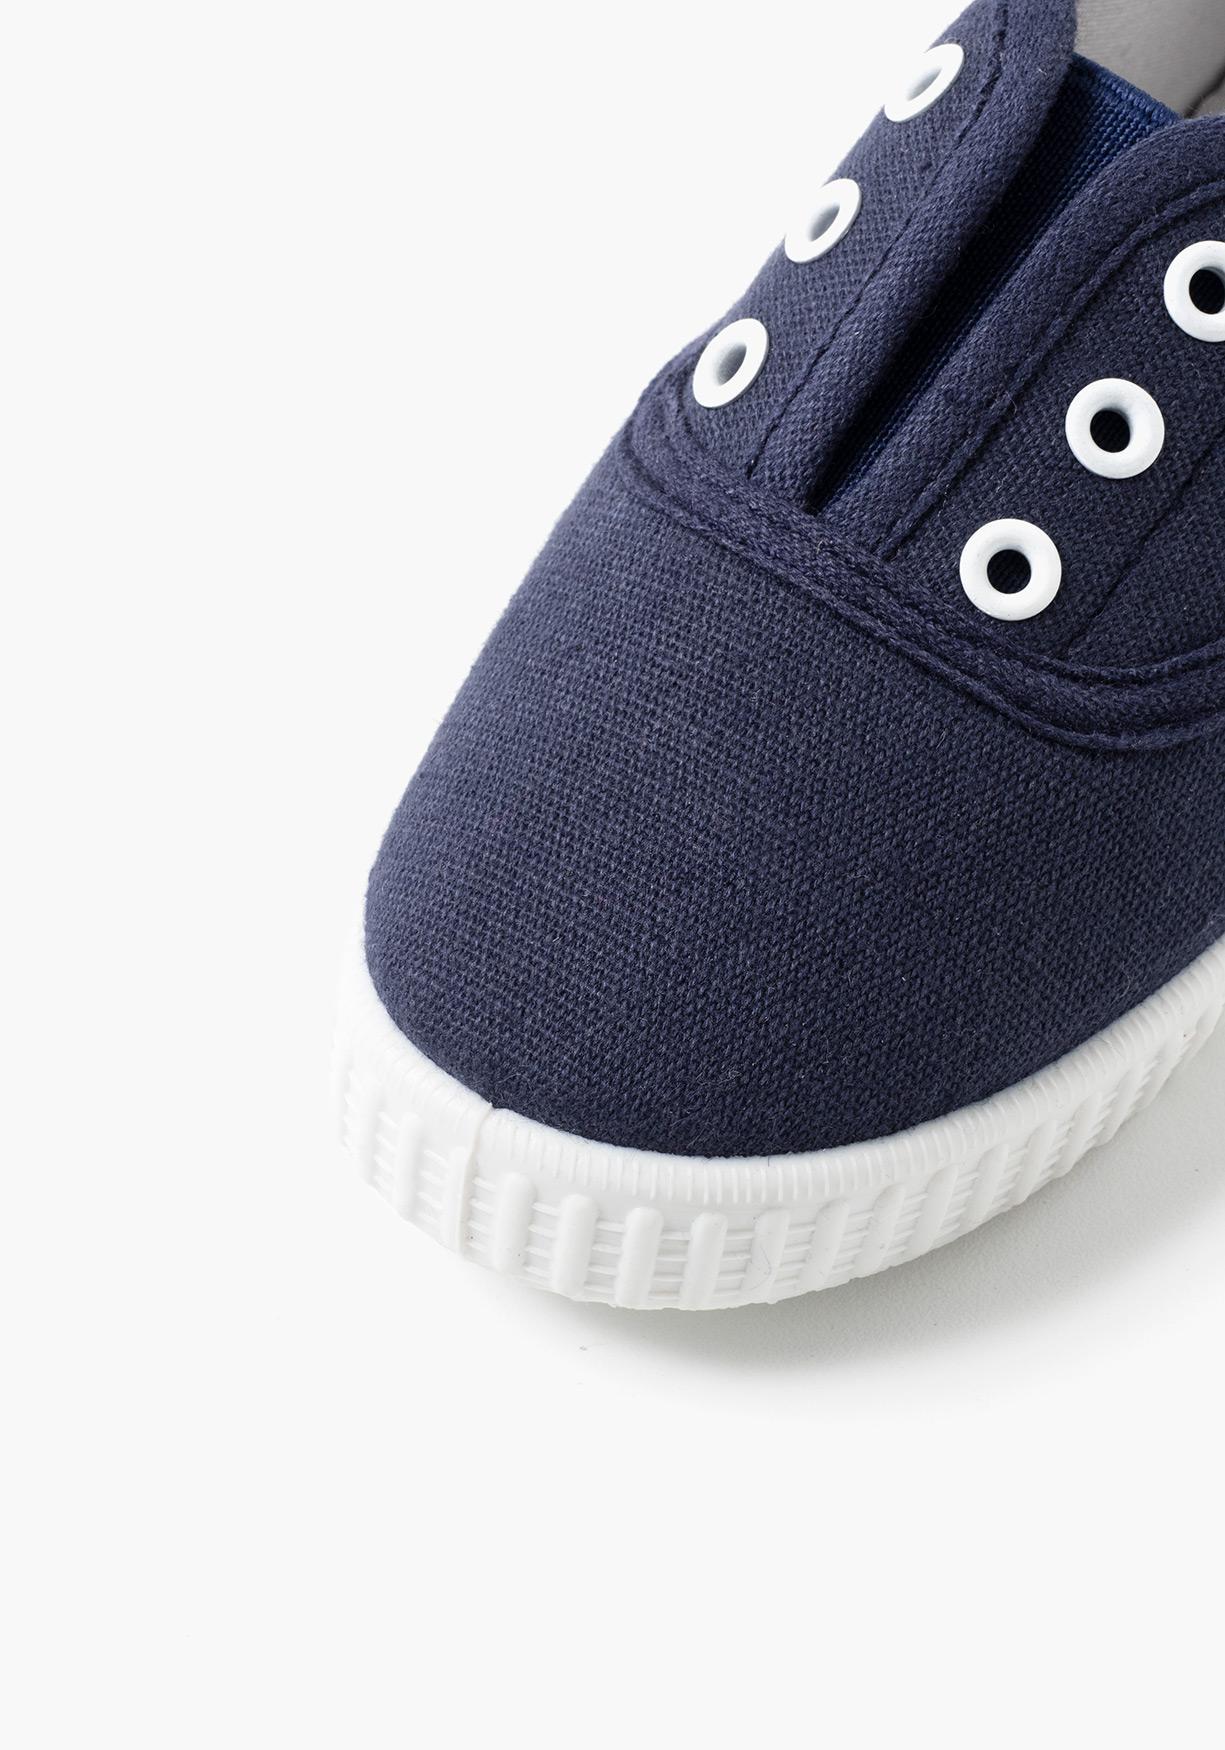 Comprar Zapatillas de lona lisas TEX (Tallas 20 a 30). ¡Aprovéchate ... fc539df309a